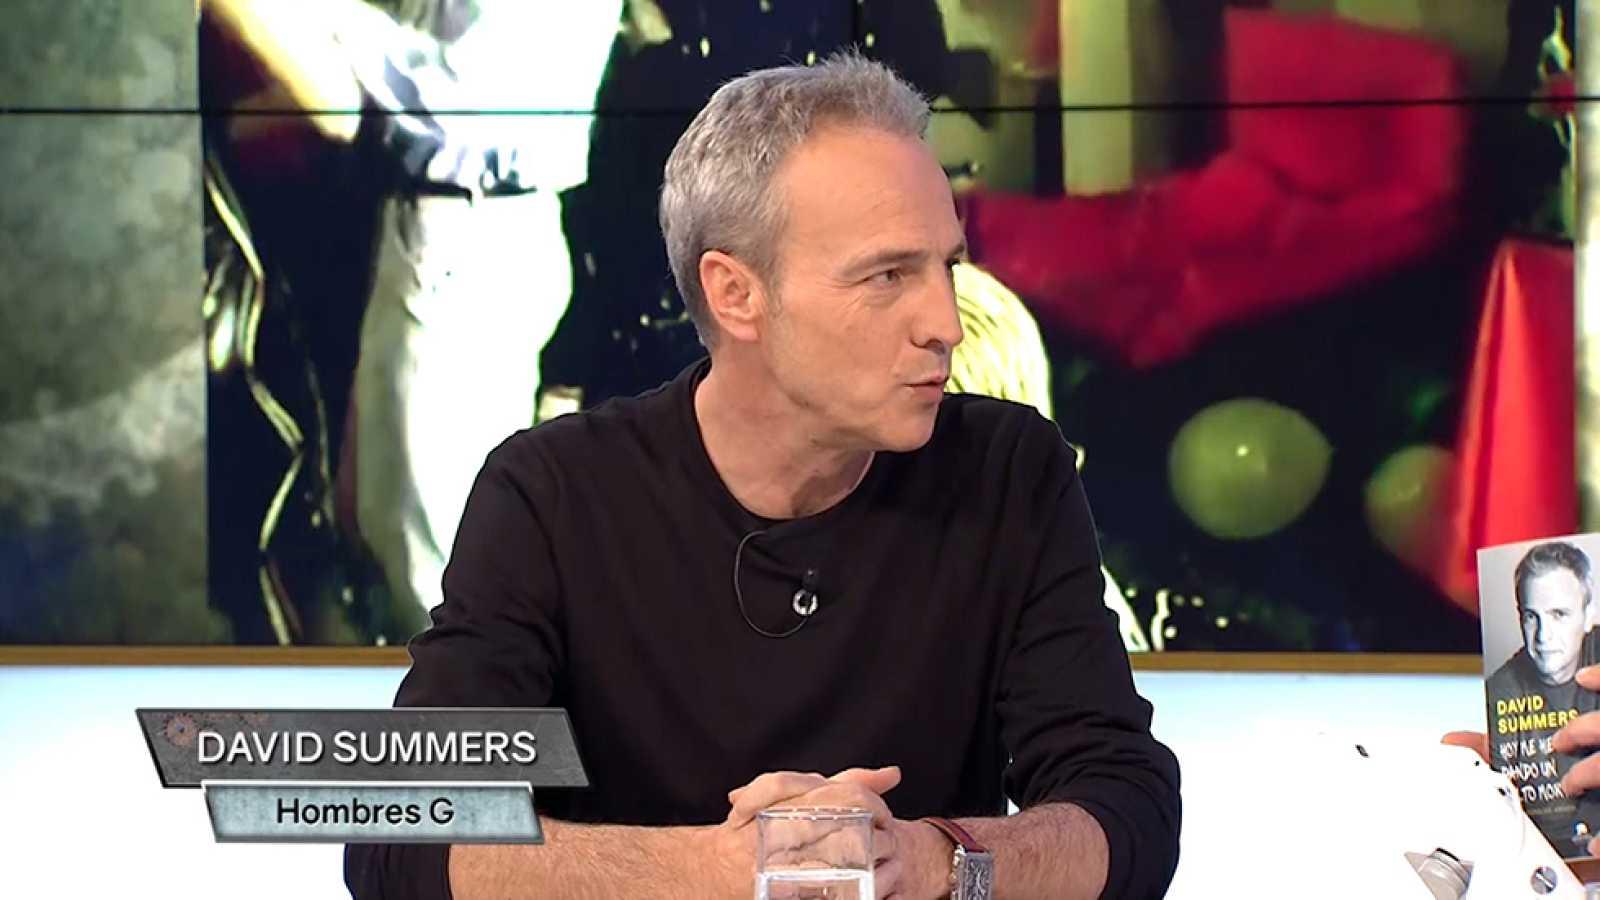 Nos visita David Summers, líder de 'Hombres G', que nos presenta su nuevo libro